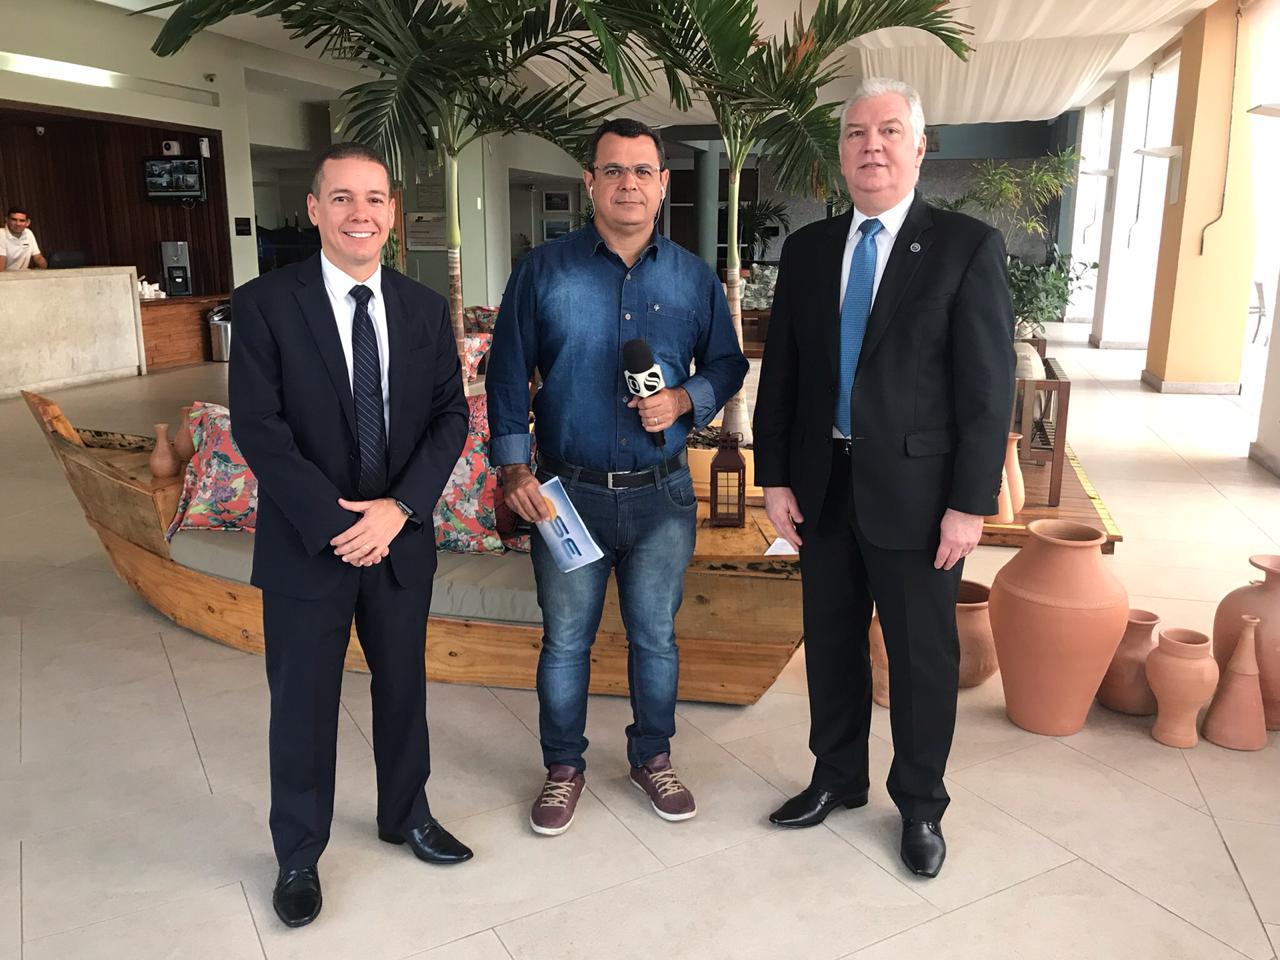 Entrevista ao vivo para o Bom Dia SE dos presidentes da ANAPE, Telmo Lemos Filho, e APESE, Marcus Barros